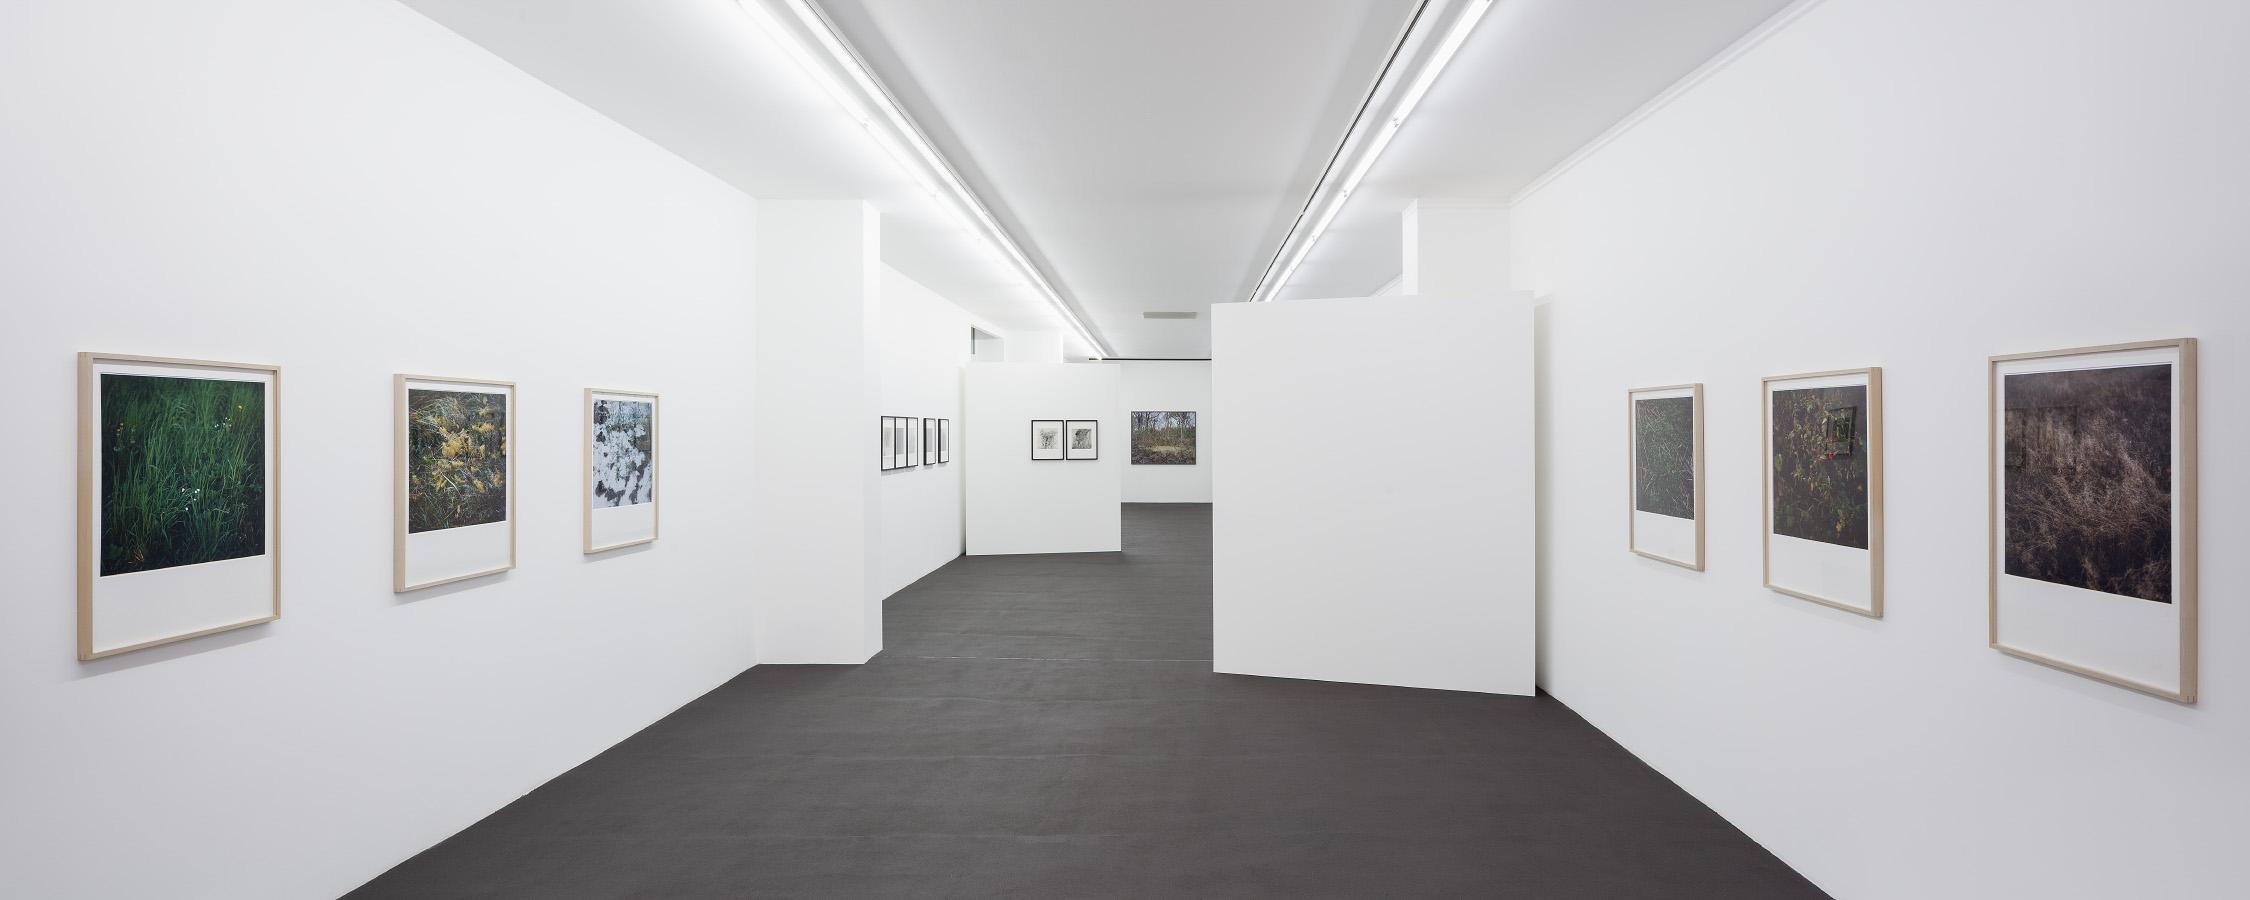 Kehrer Berlin Galerie, Ausstellung Lob der Wildnis | Serial Landscapes, 7. Februar bis 29. März 2015. © Foto: Henning Rogge.